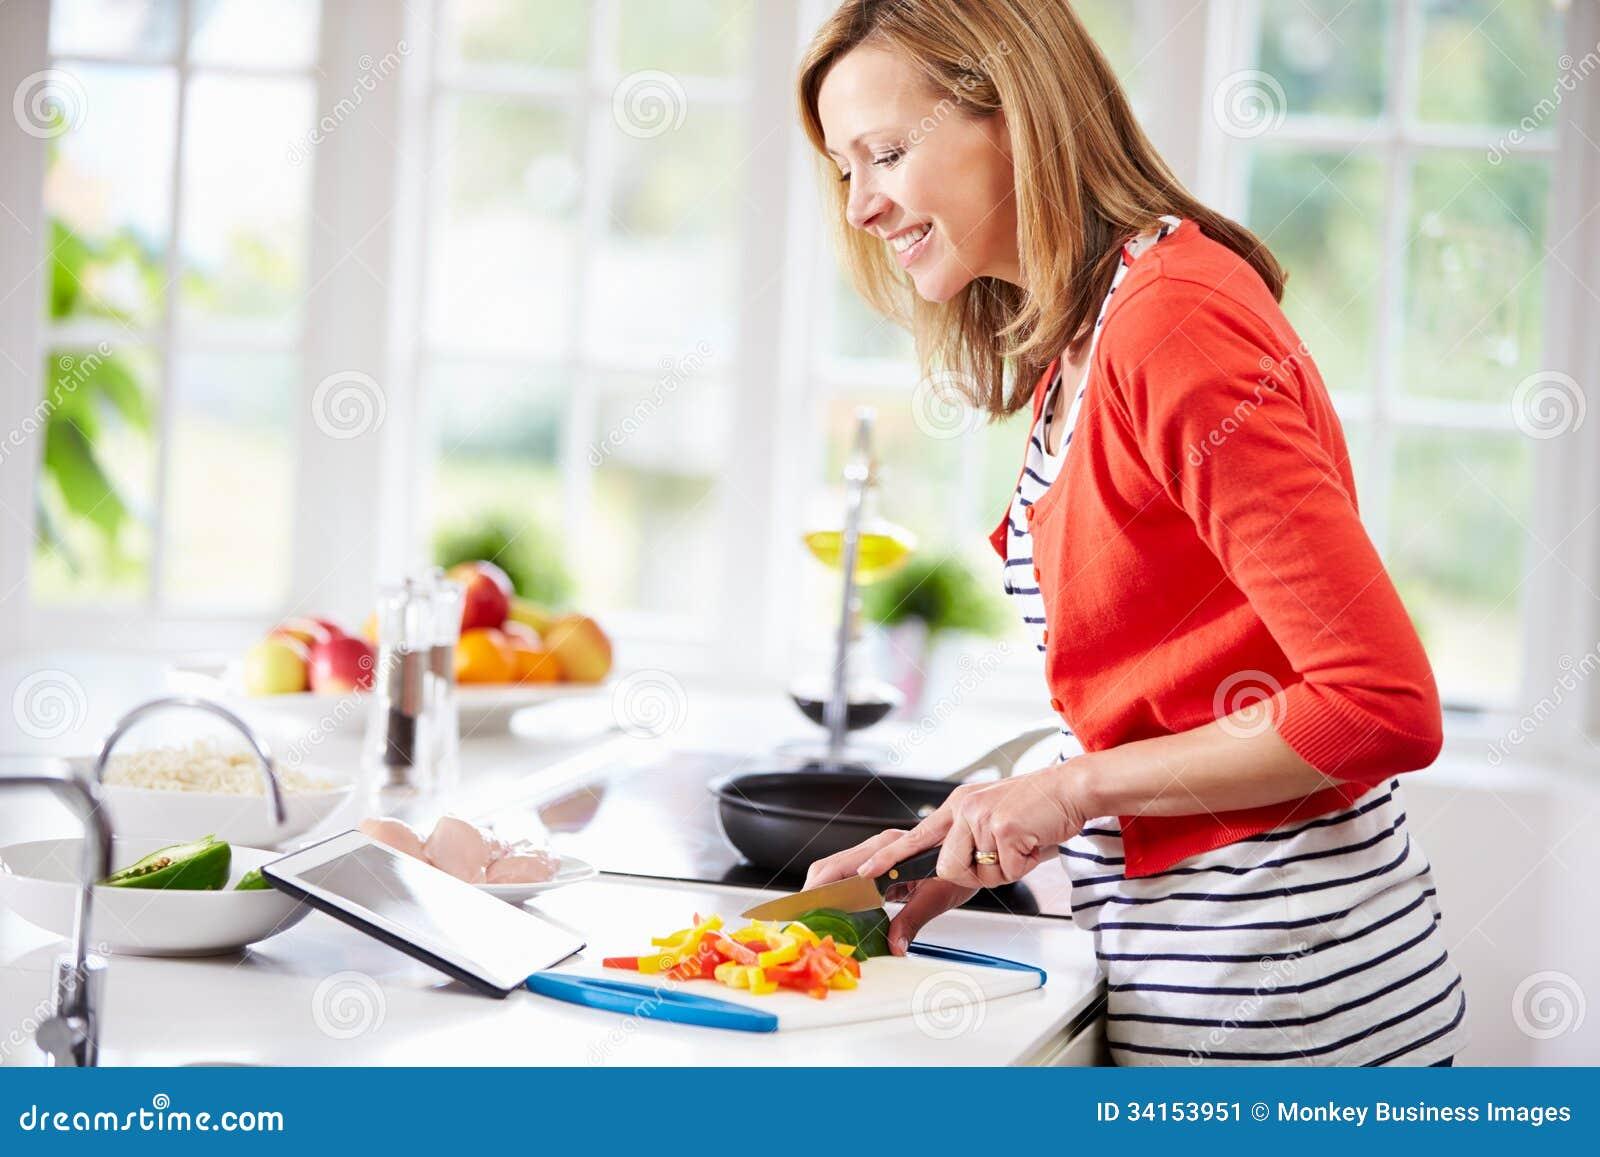 Donna in cucina a seguito della ricetta sulla compressa di Digital